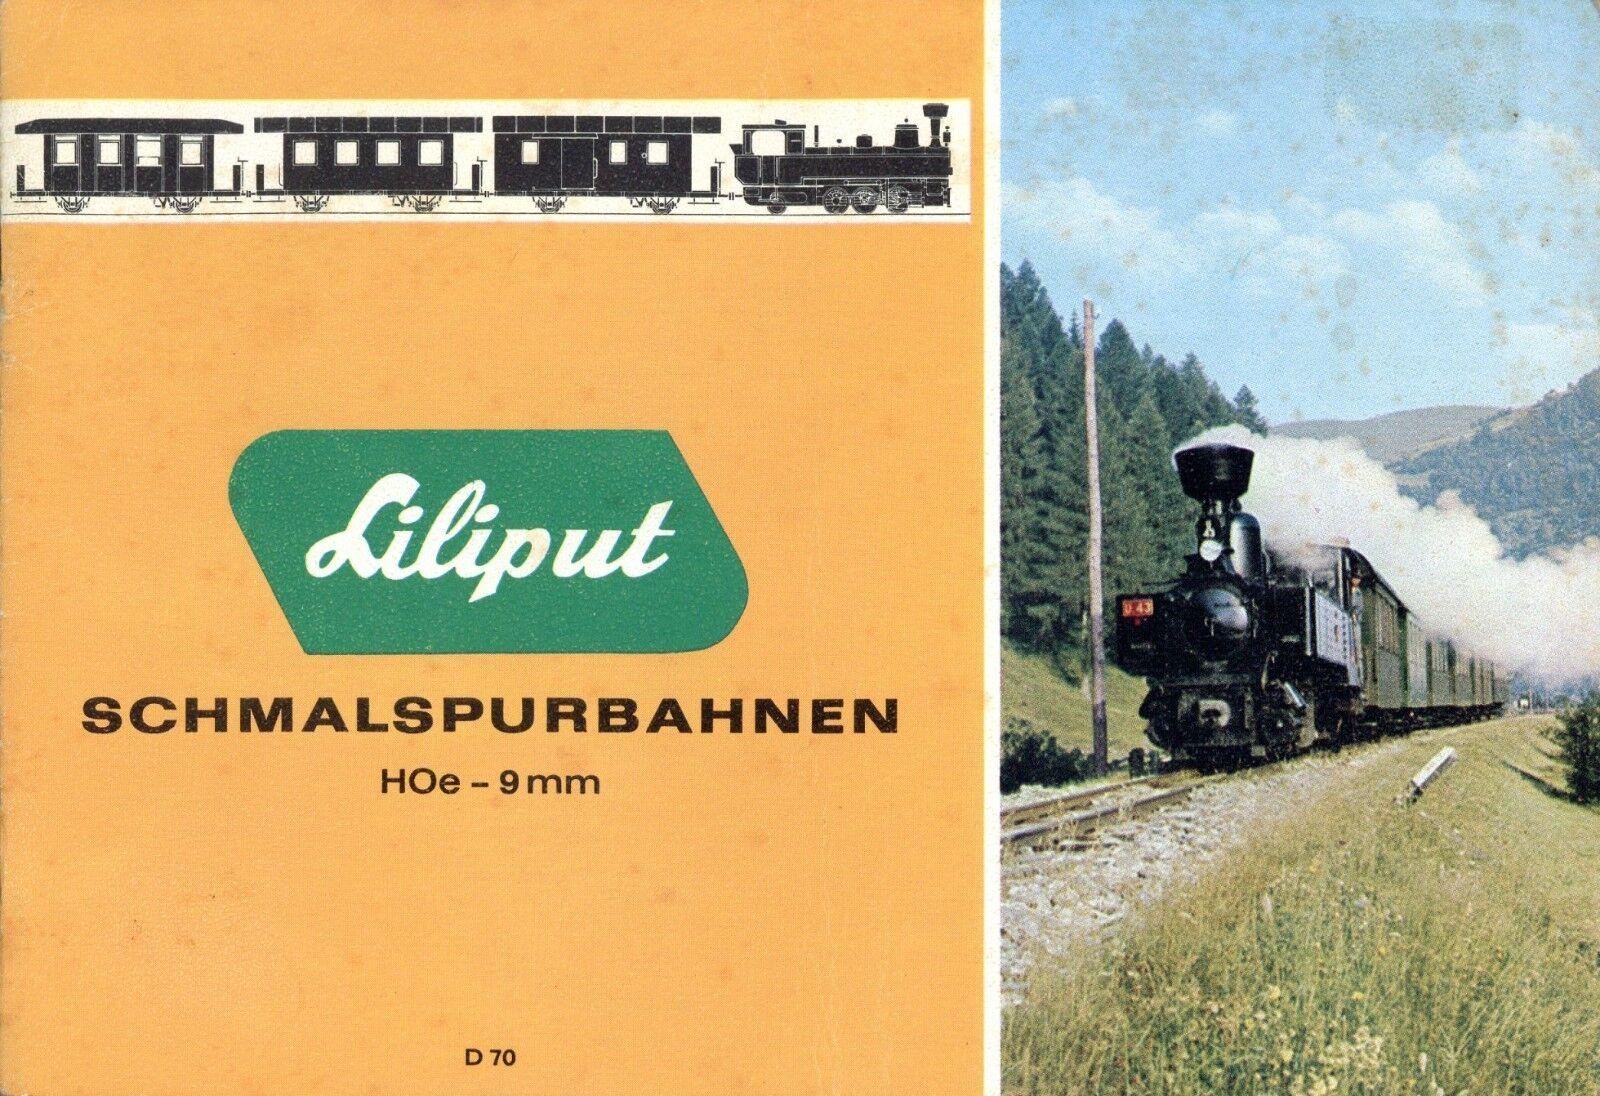 Liliput Schmalspurbahnen H0e 9 mm 1970 Prospekt Modelleisenbahnprospekt brochure